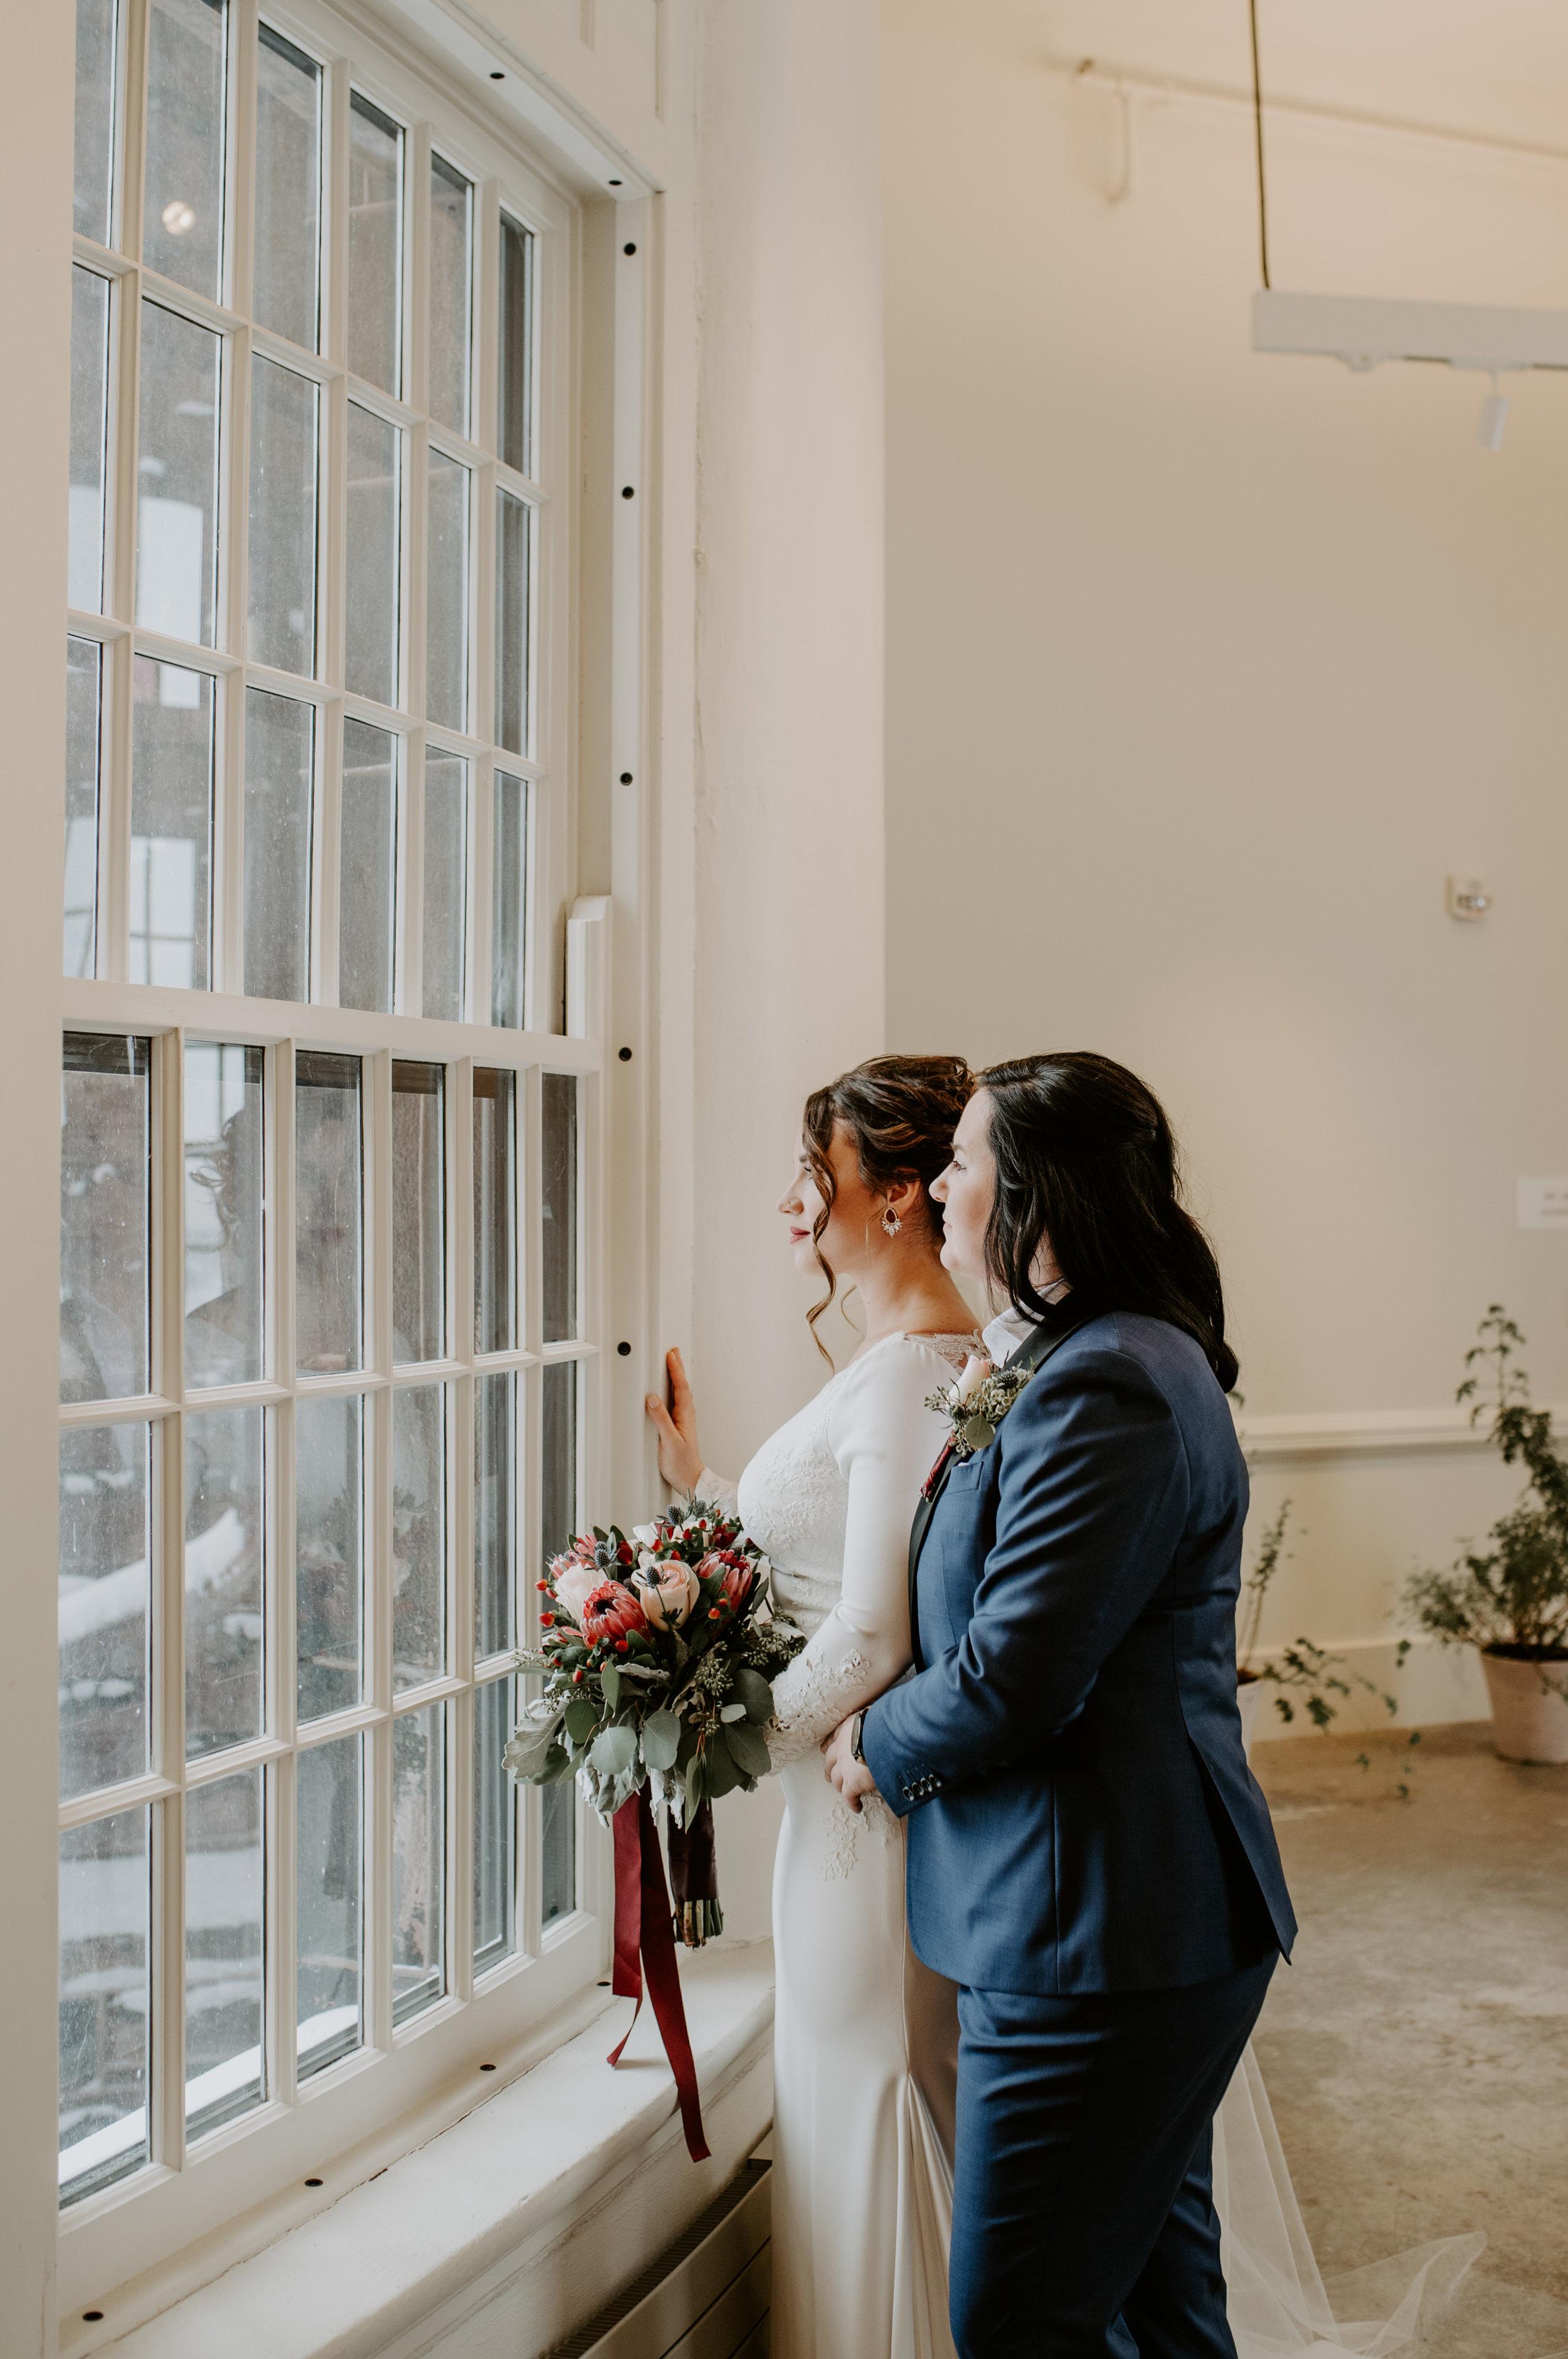 APD_mia_caitlin_wedding-323 copy.jpg